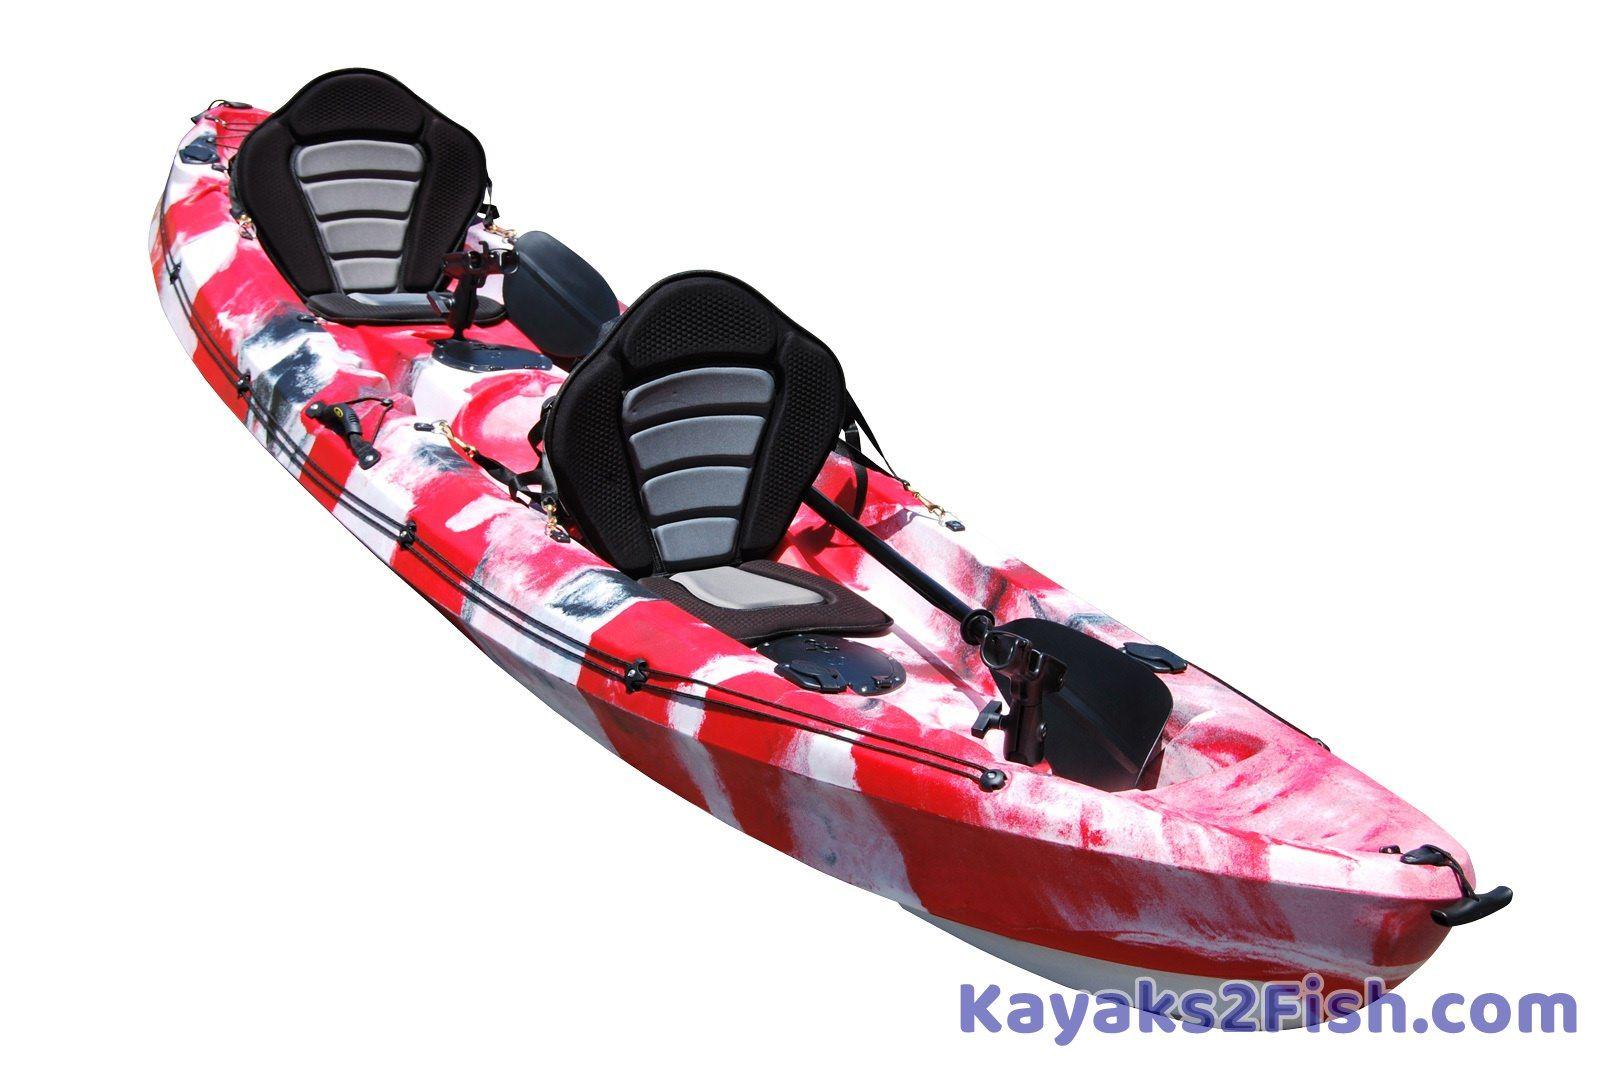 Tandem Kayak 2 Person Kayak Double Kayak For Sale Double Kayak 2 Man Kayak Tandem Fishing Kayak Two Man Ka Kayak Fishing Kayak Accessories Tandem Fishing Kayak